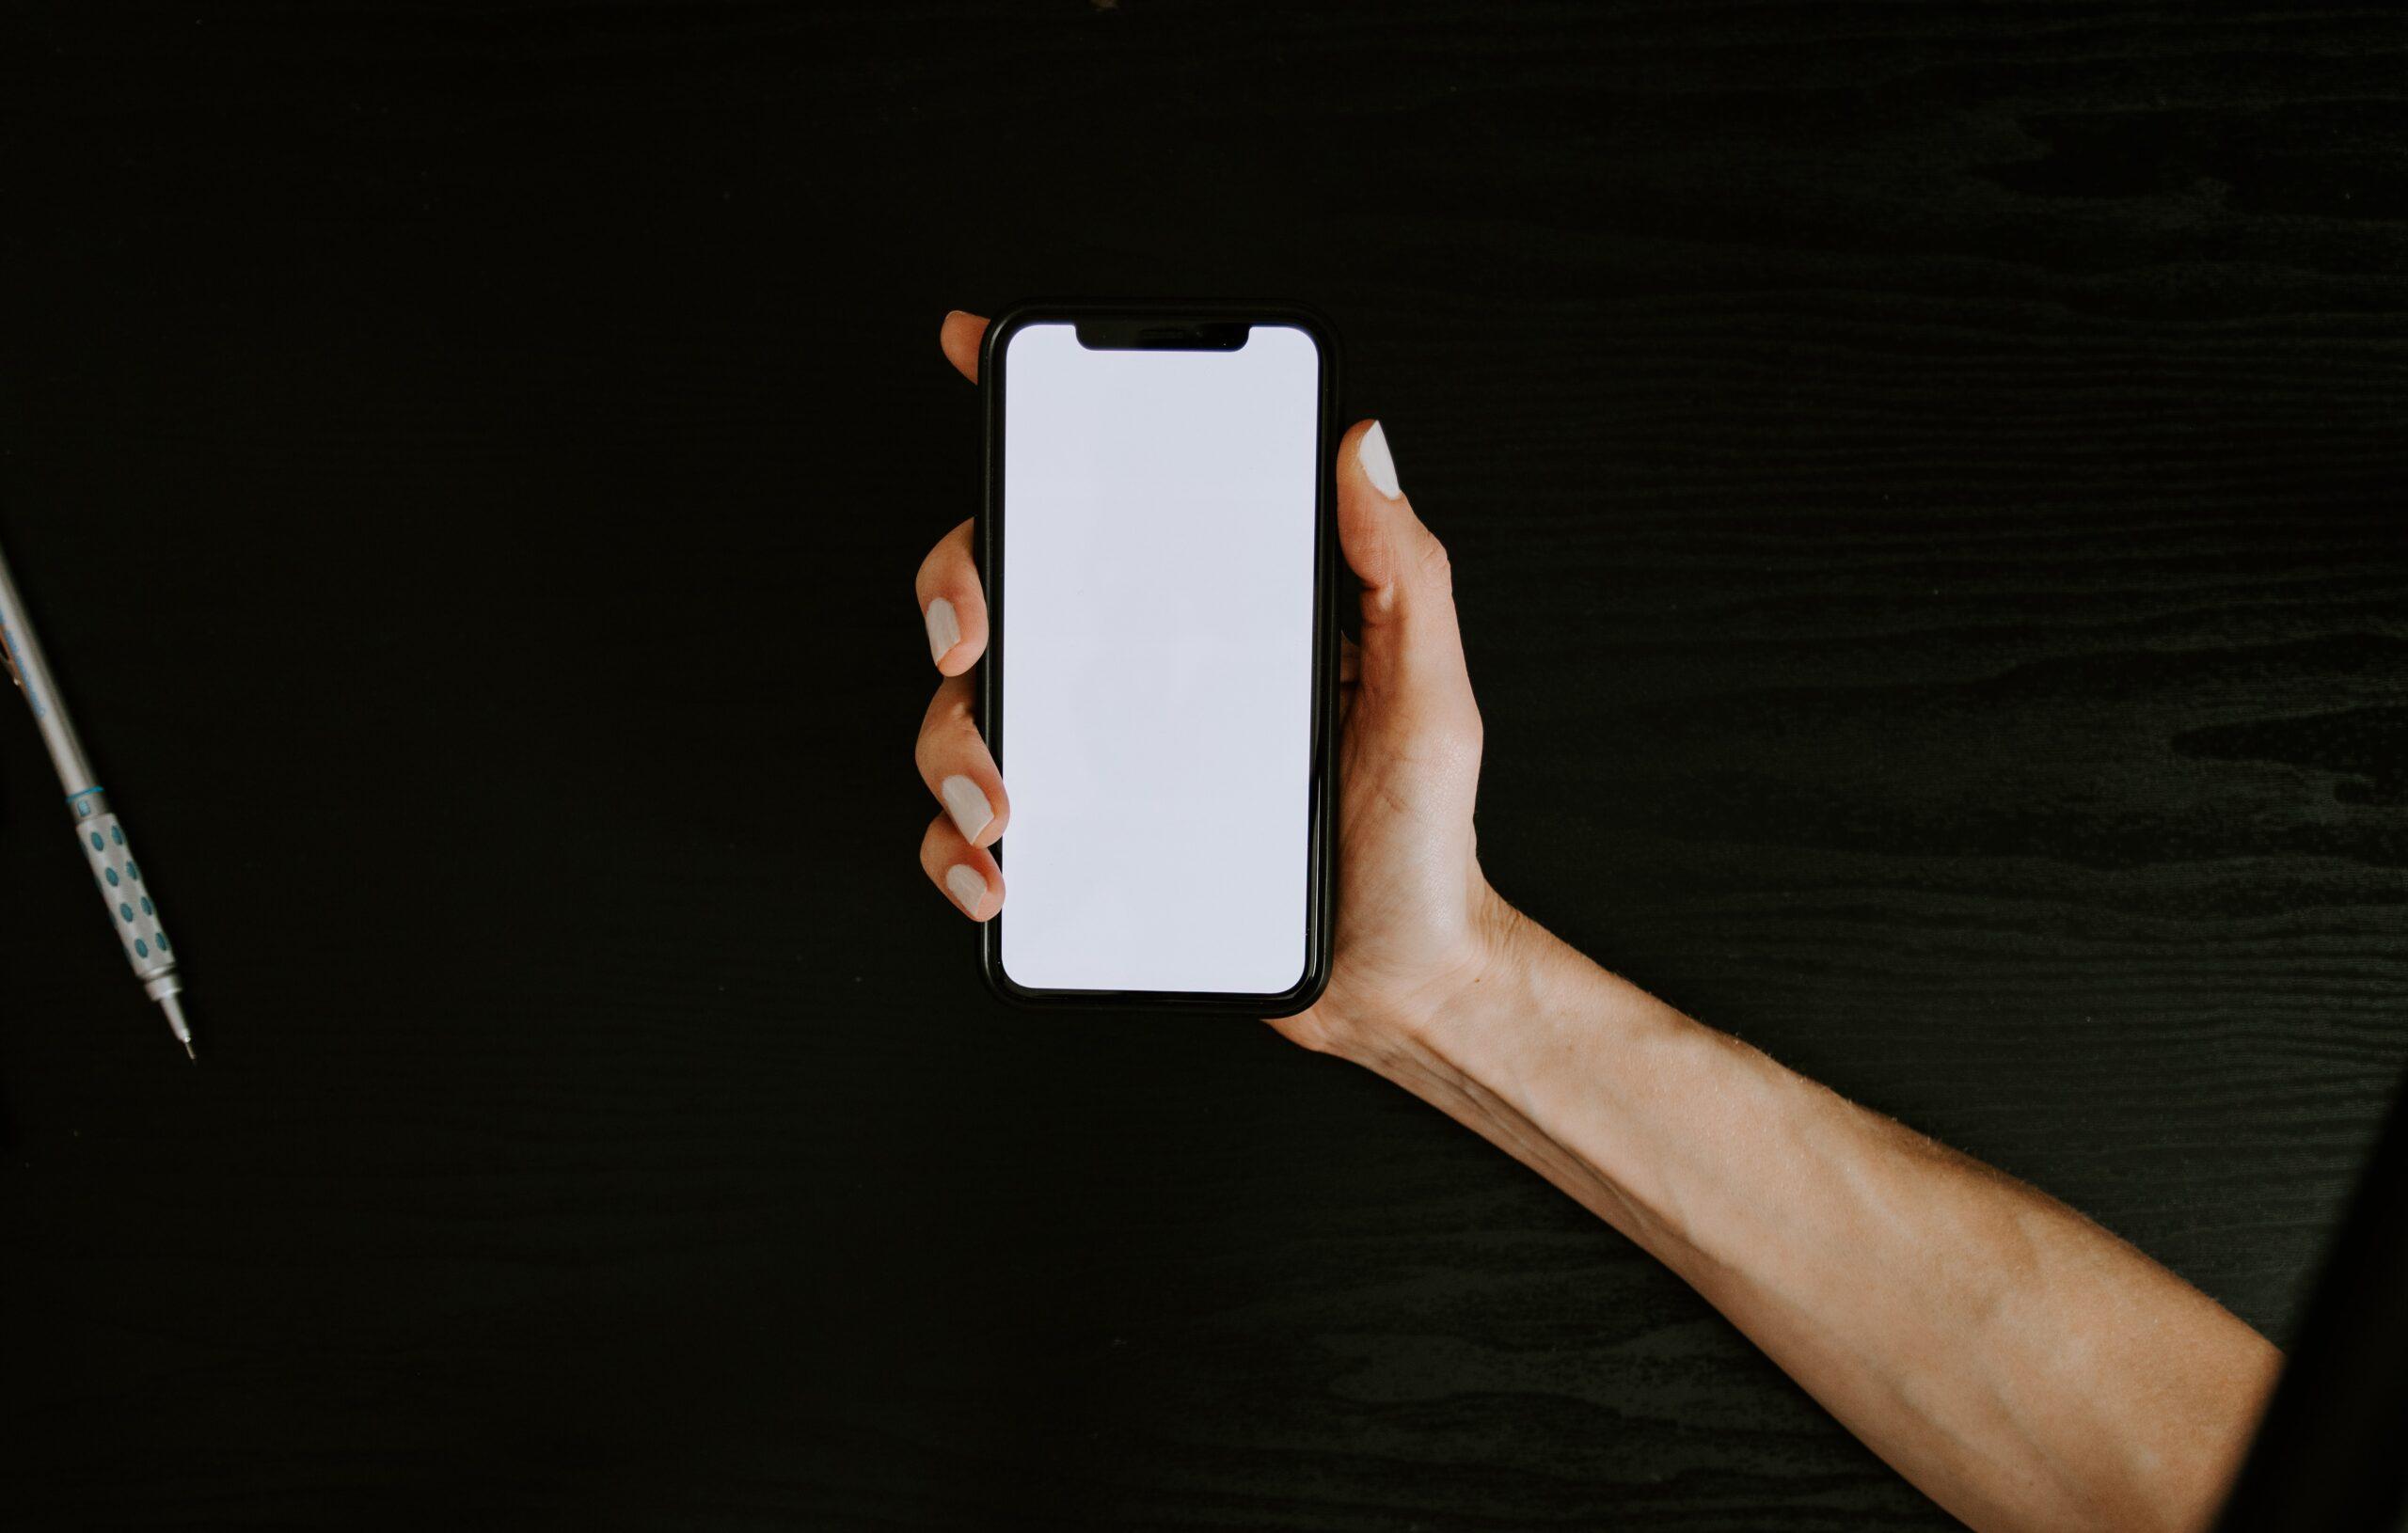 Mão segurando um iPhone com destaque para o notch